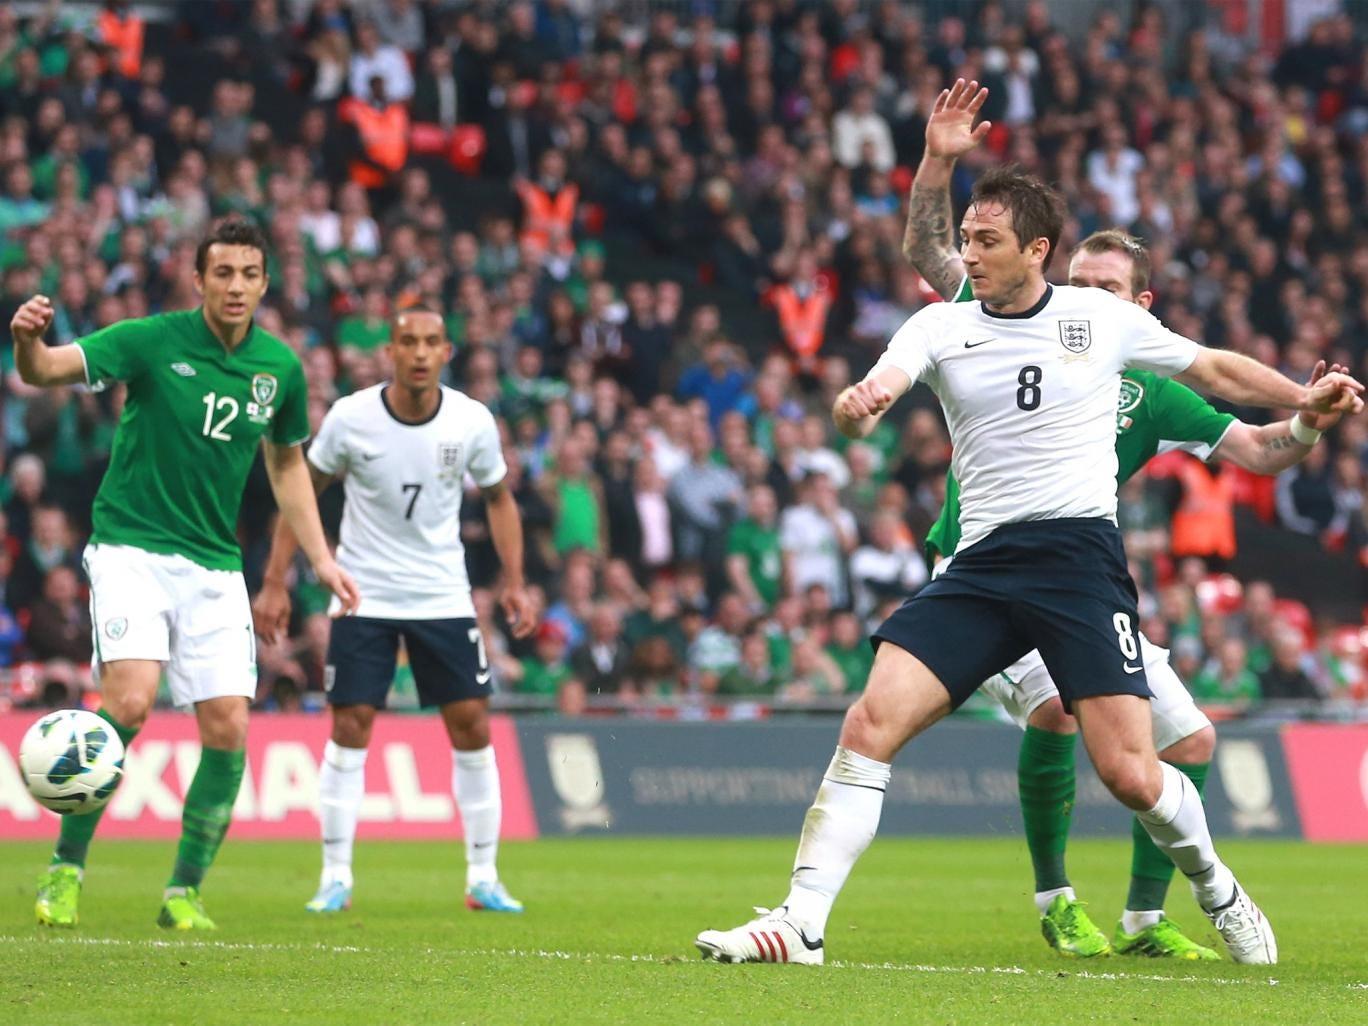 Frank Lampard scores England's equaliser